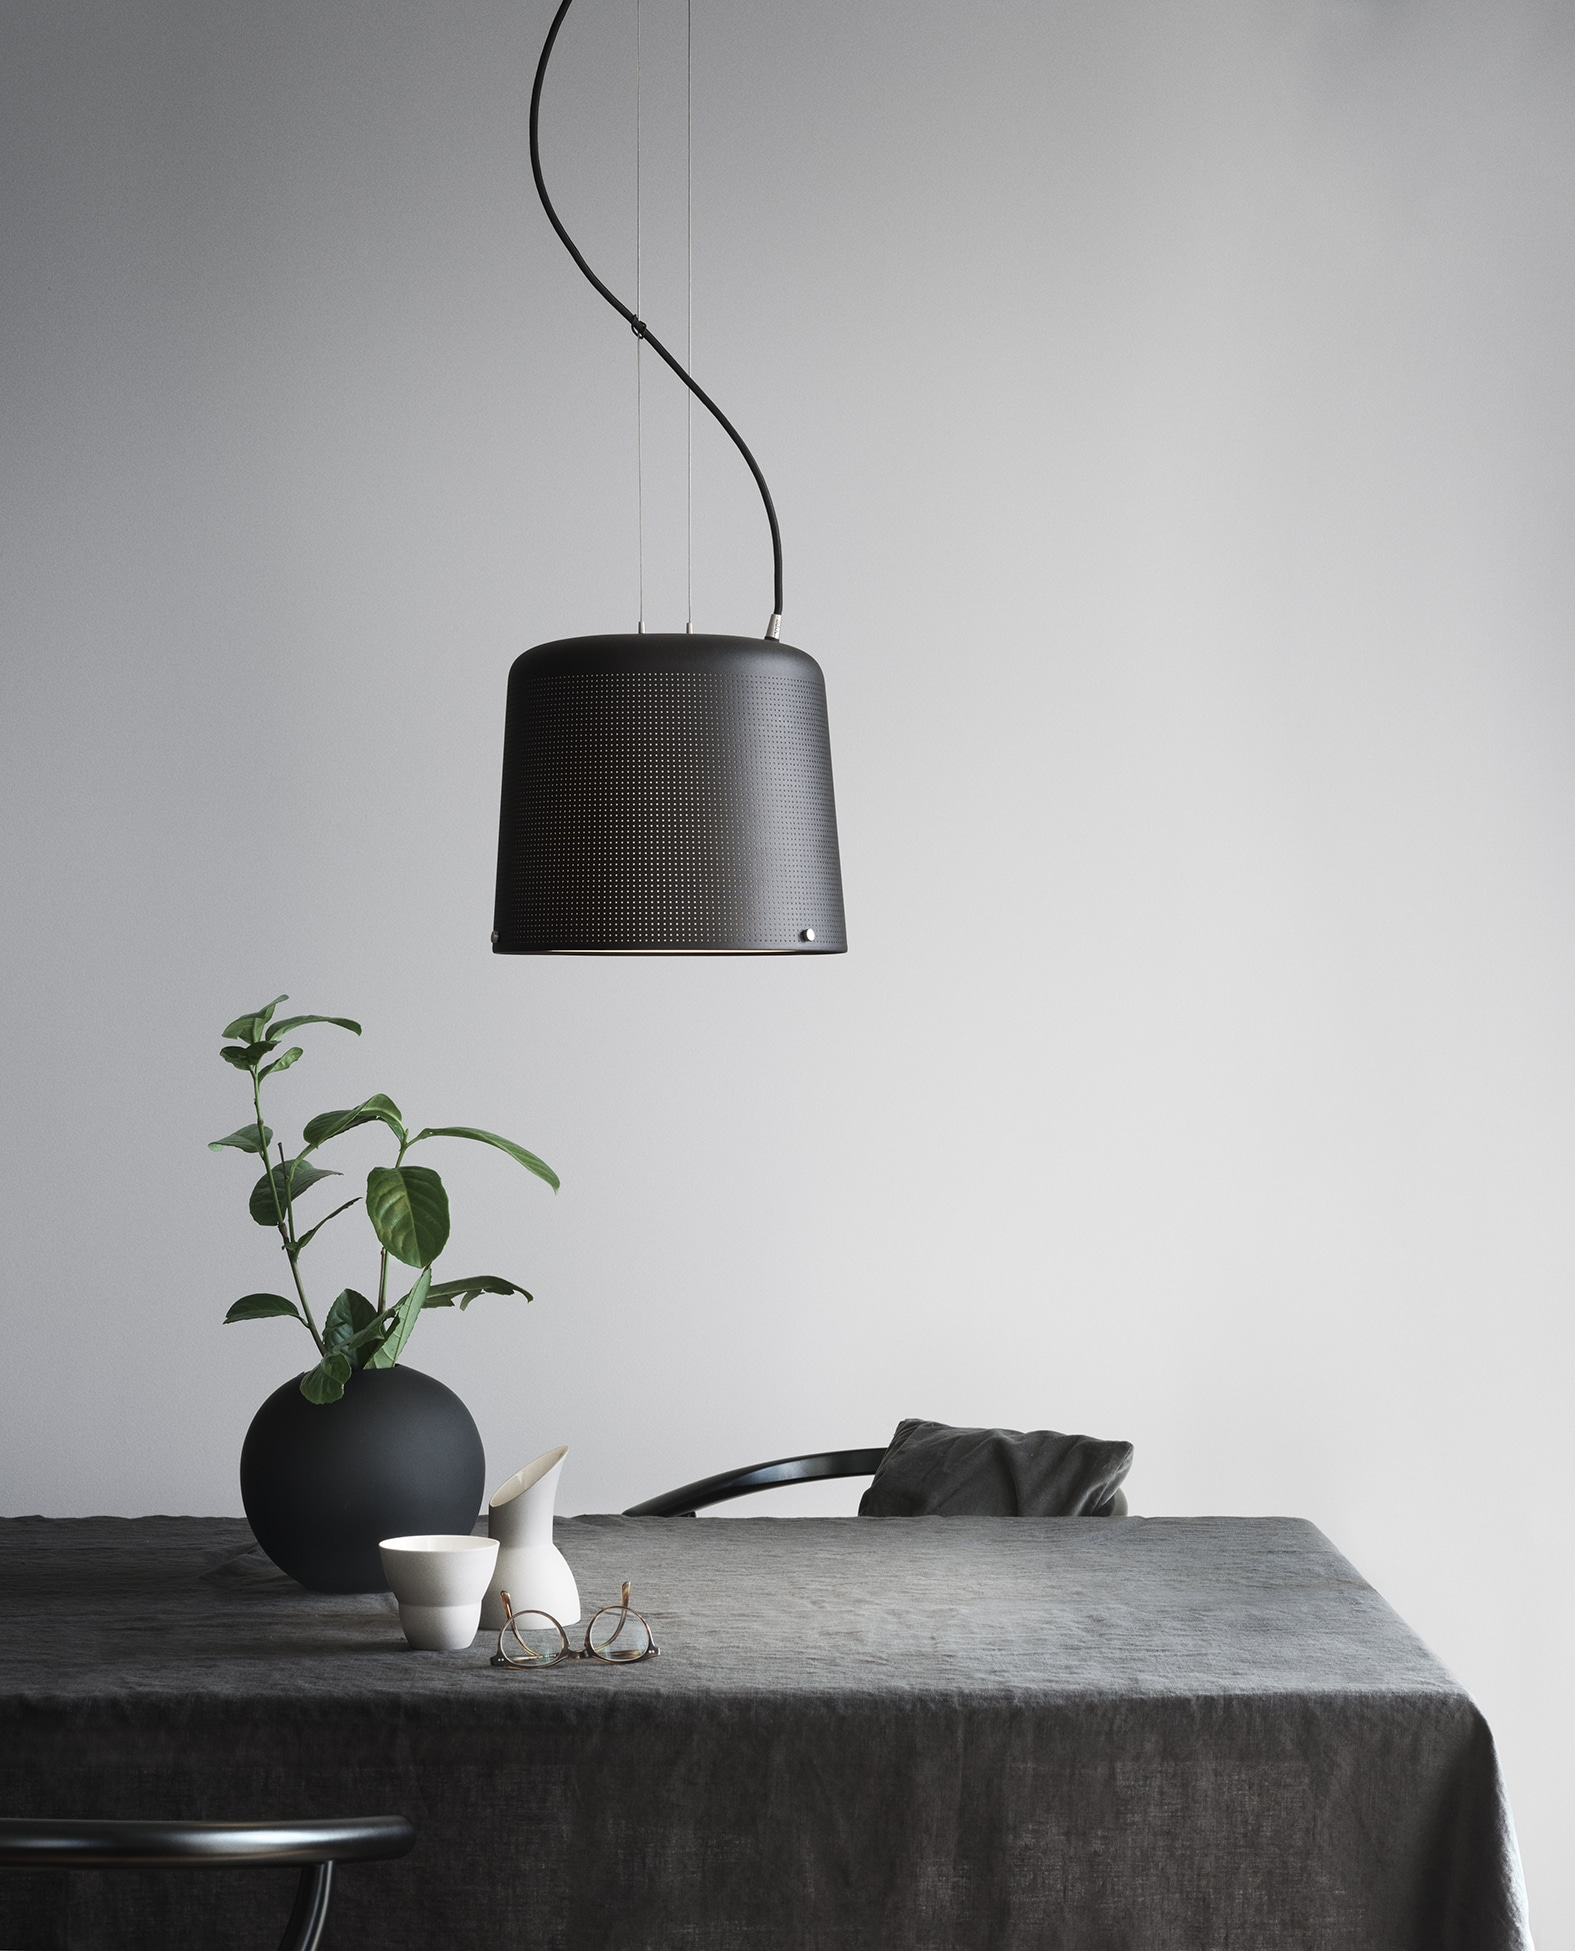 vipp jar lamp upwards